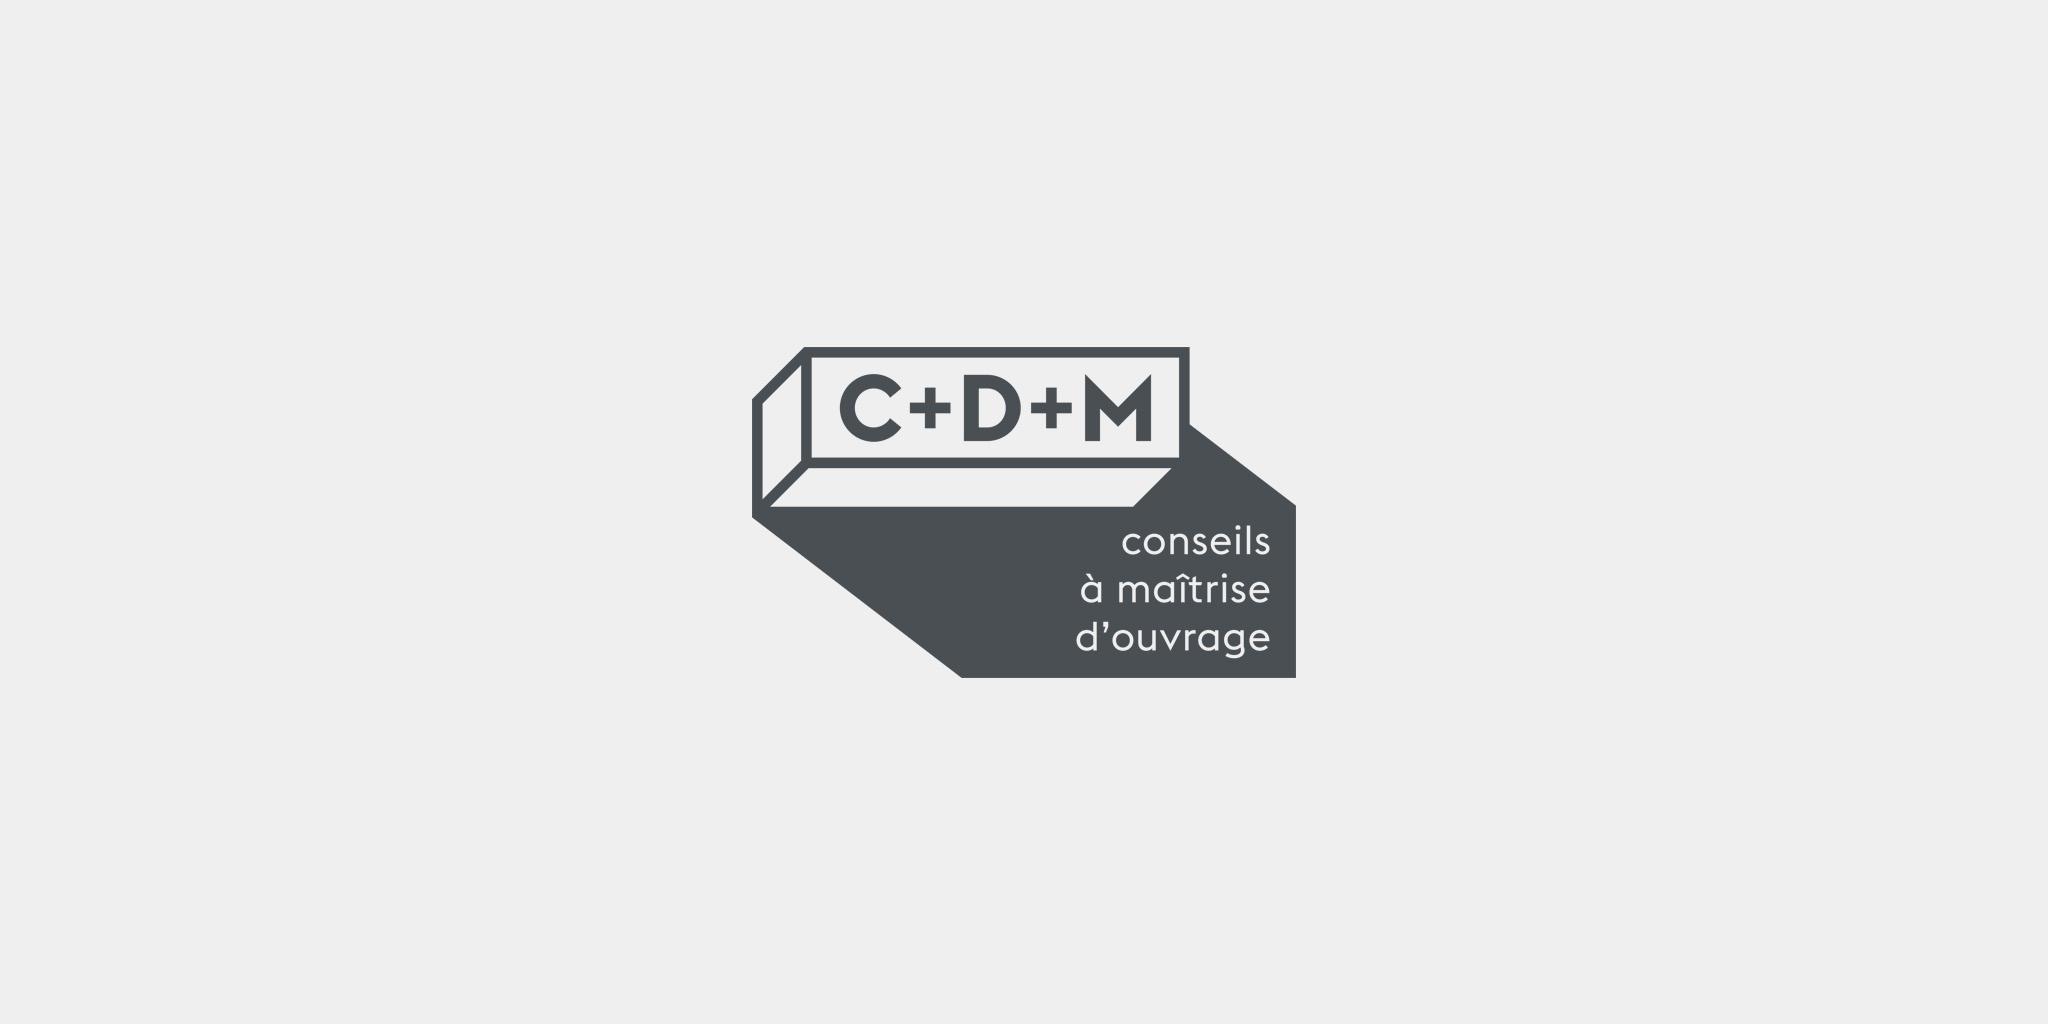 C+D+M-BUNDS1